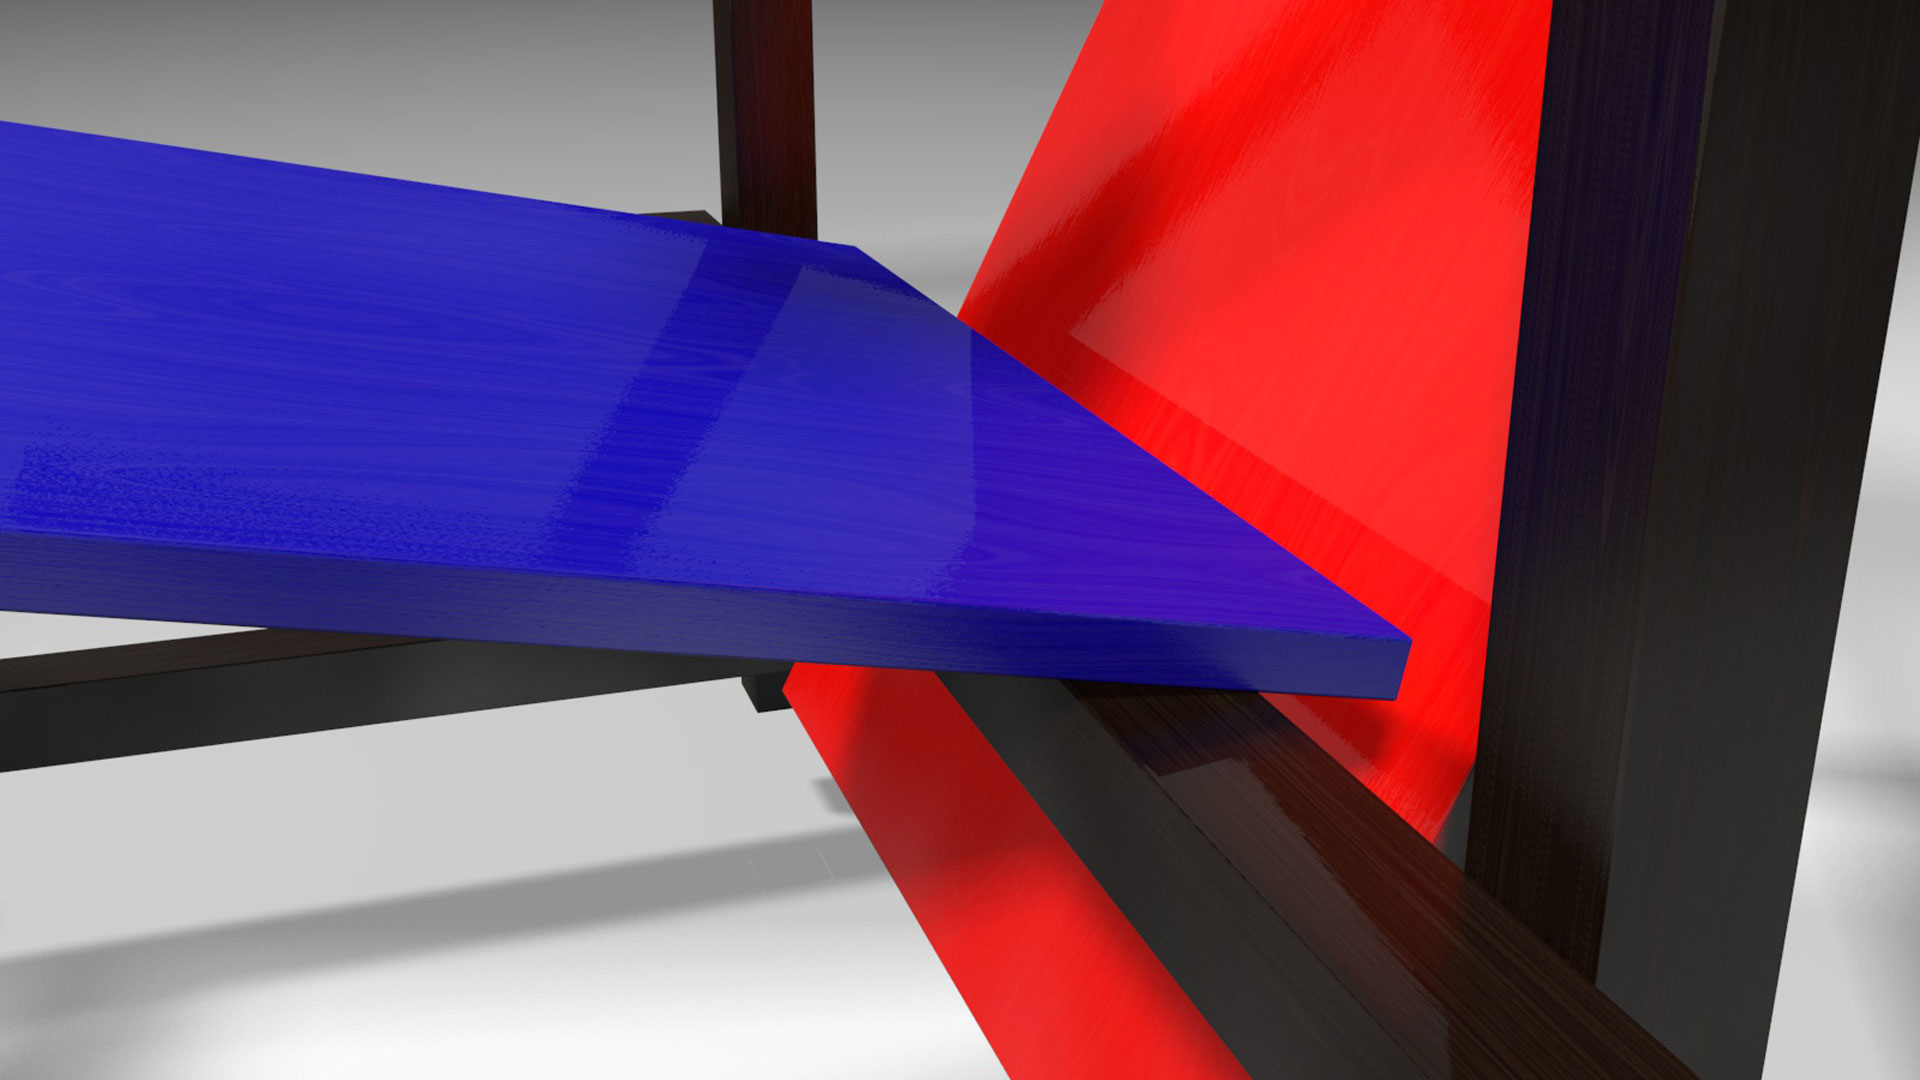 Design chaise couleur design orleans 12 orleans carte for La chaise rouge et bleue